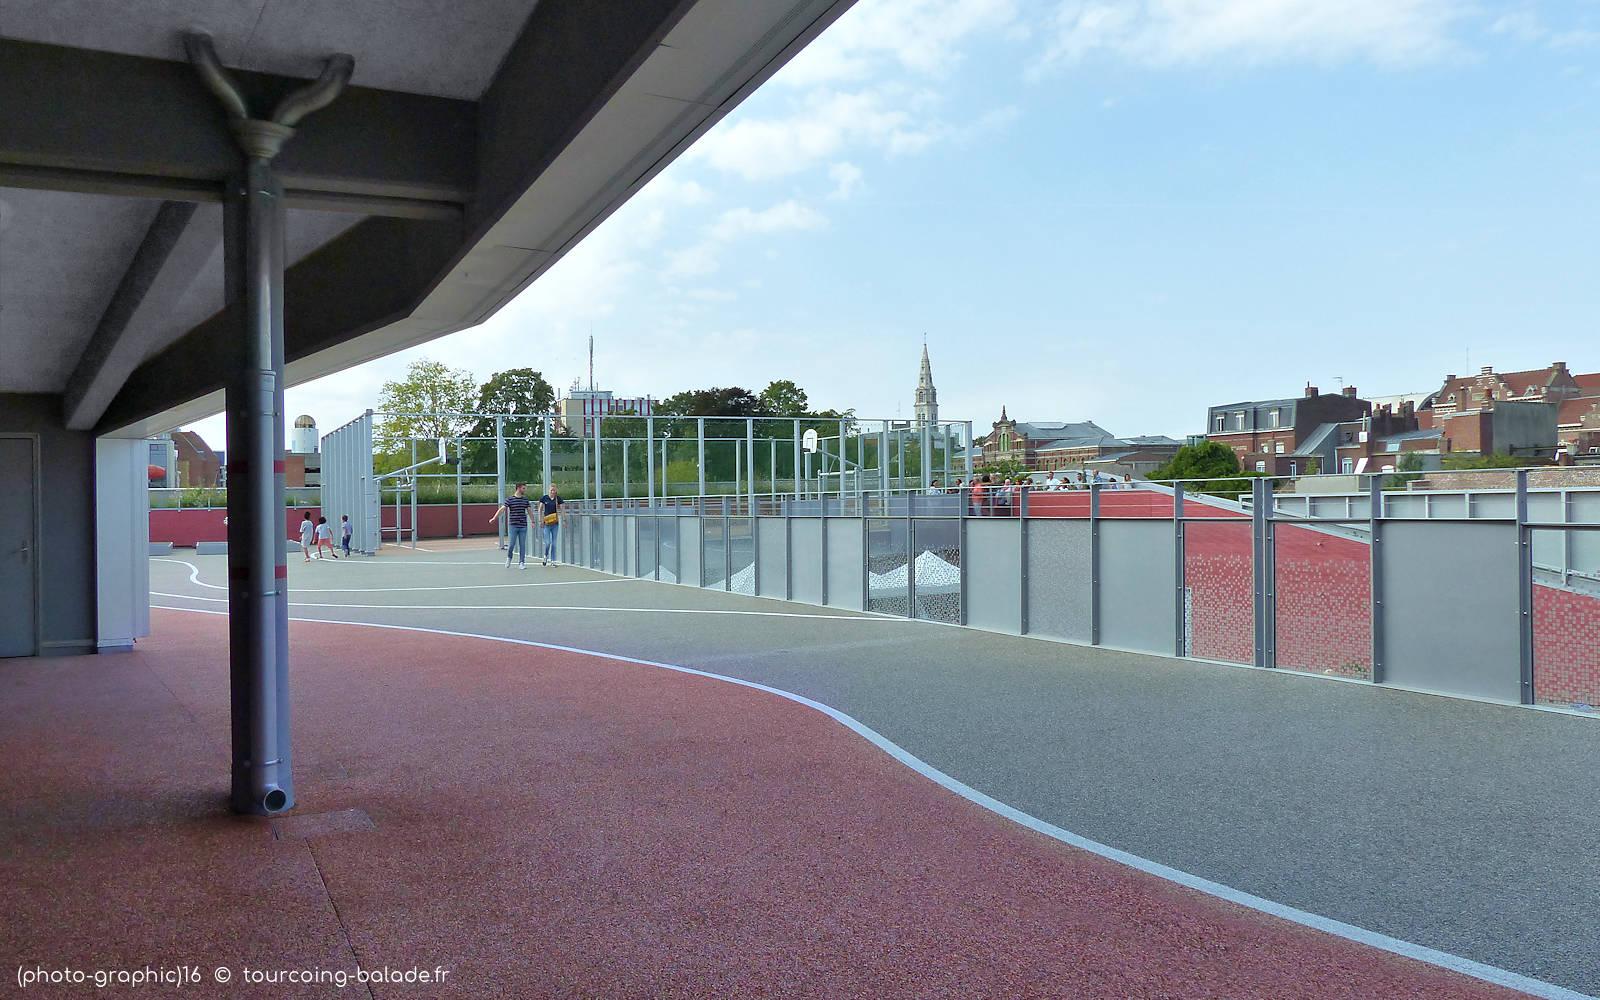 École Charles de Gaulle - Cour de récréation